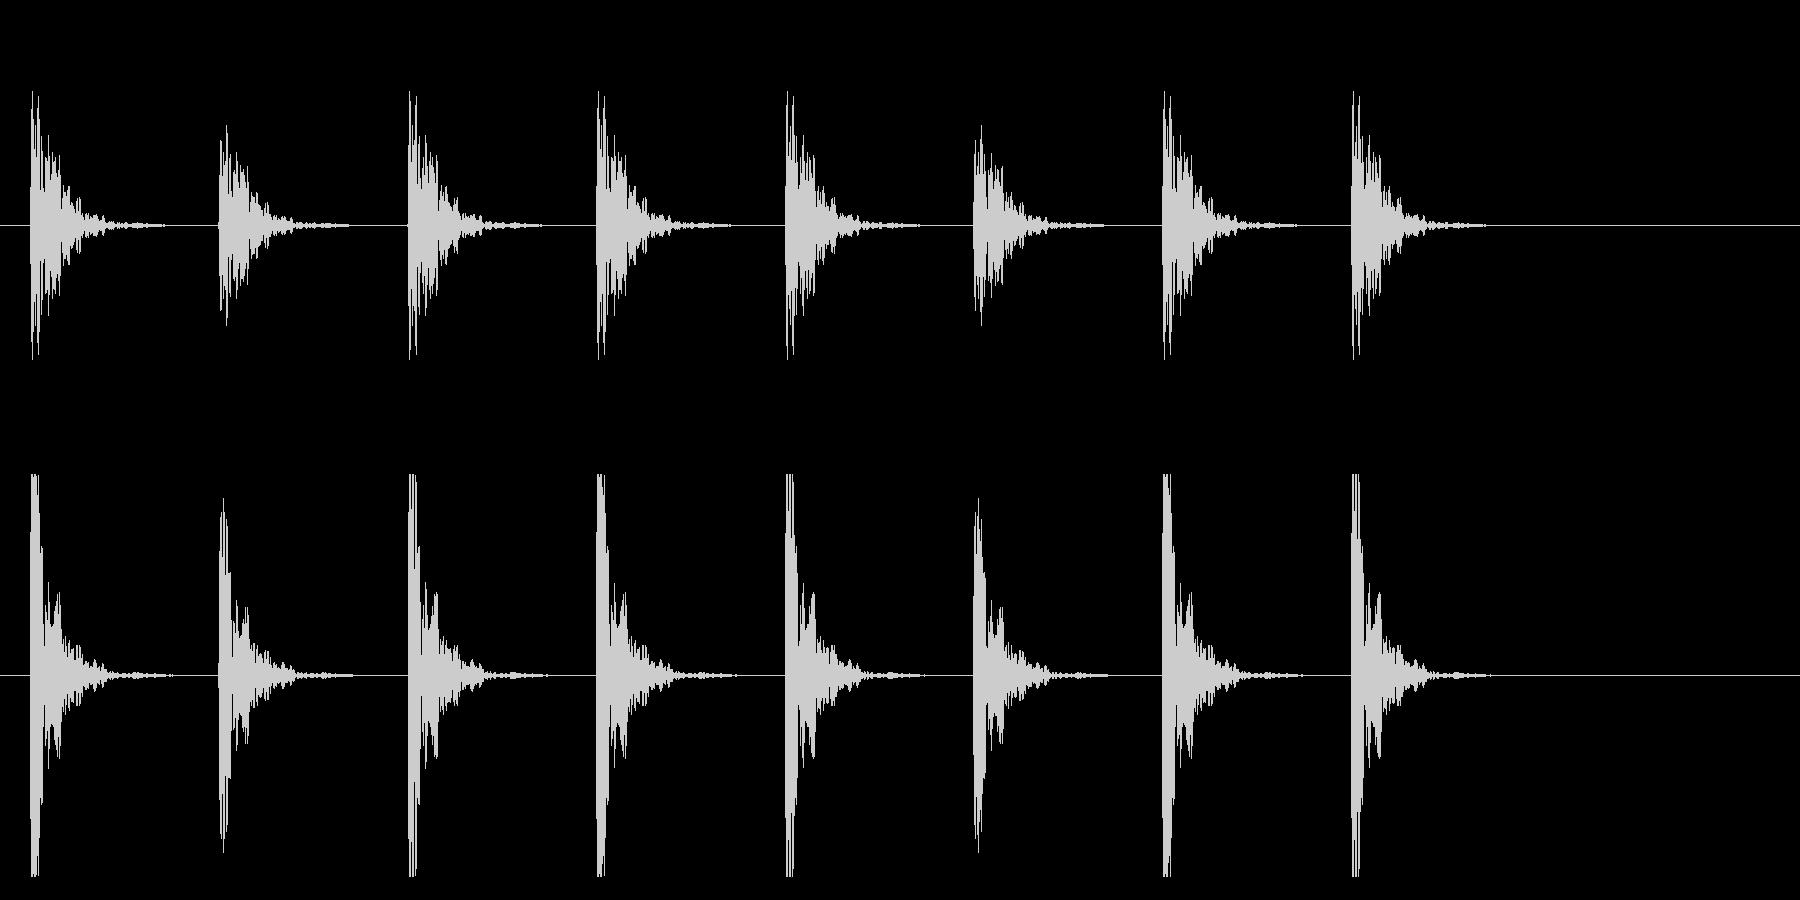 ポクポク1 木魚・シンキングタイム5秒の未再生の波形